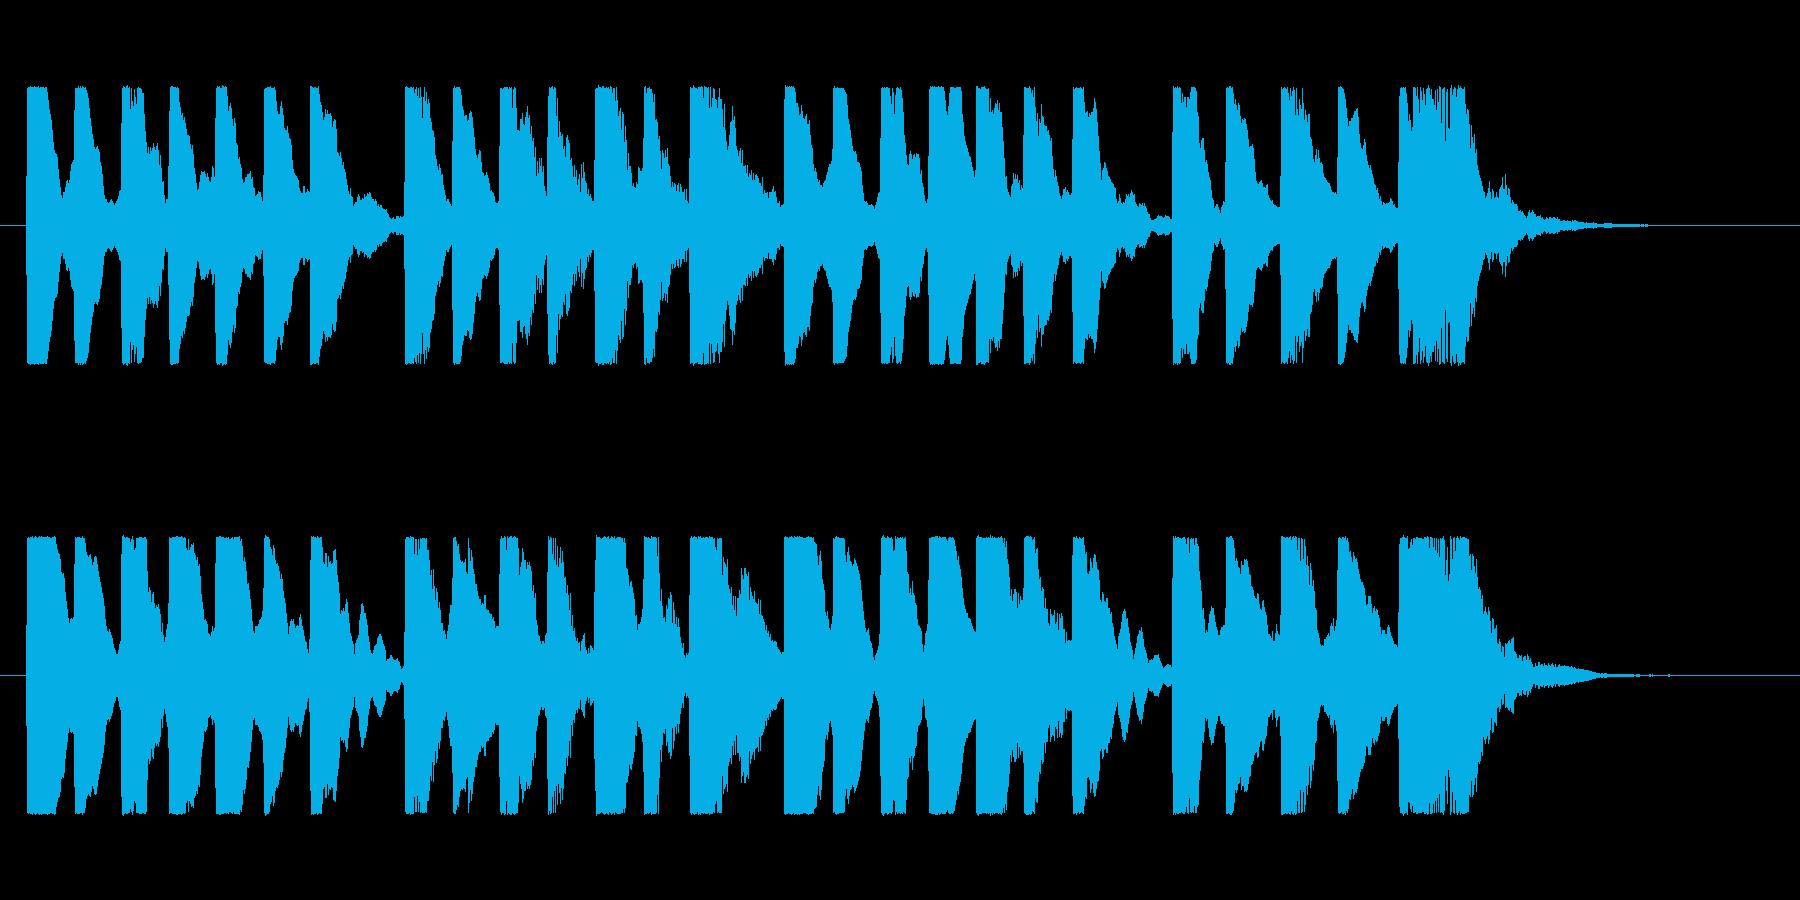 物悲しいチップチューンのゲームオーバーの再生済みの波形